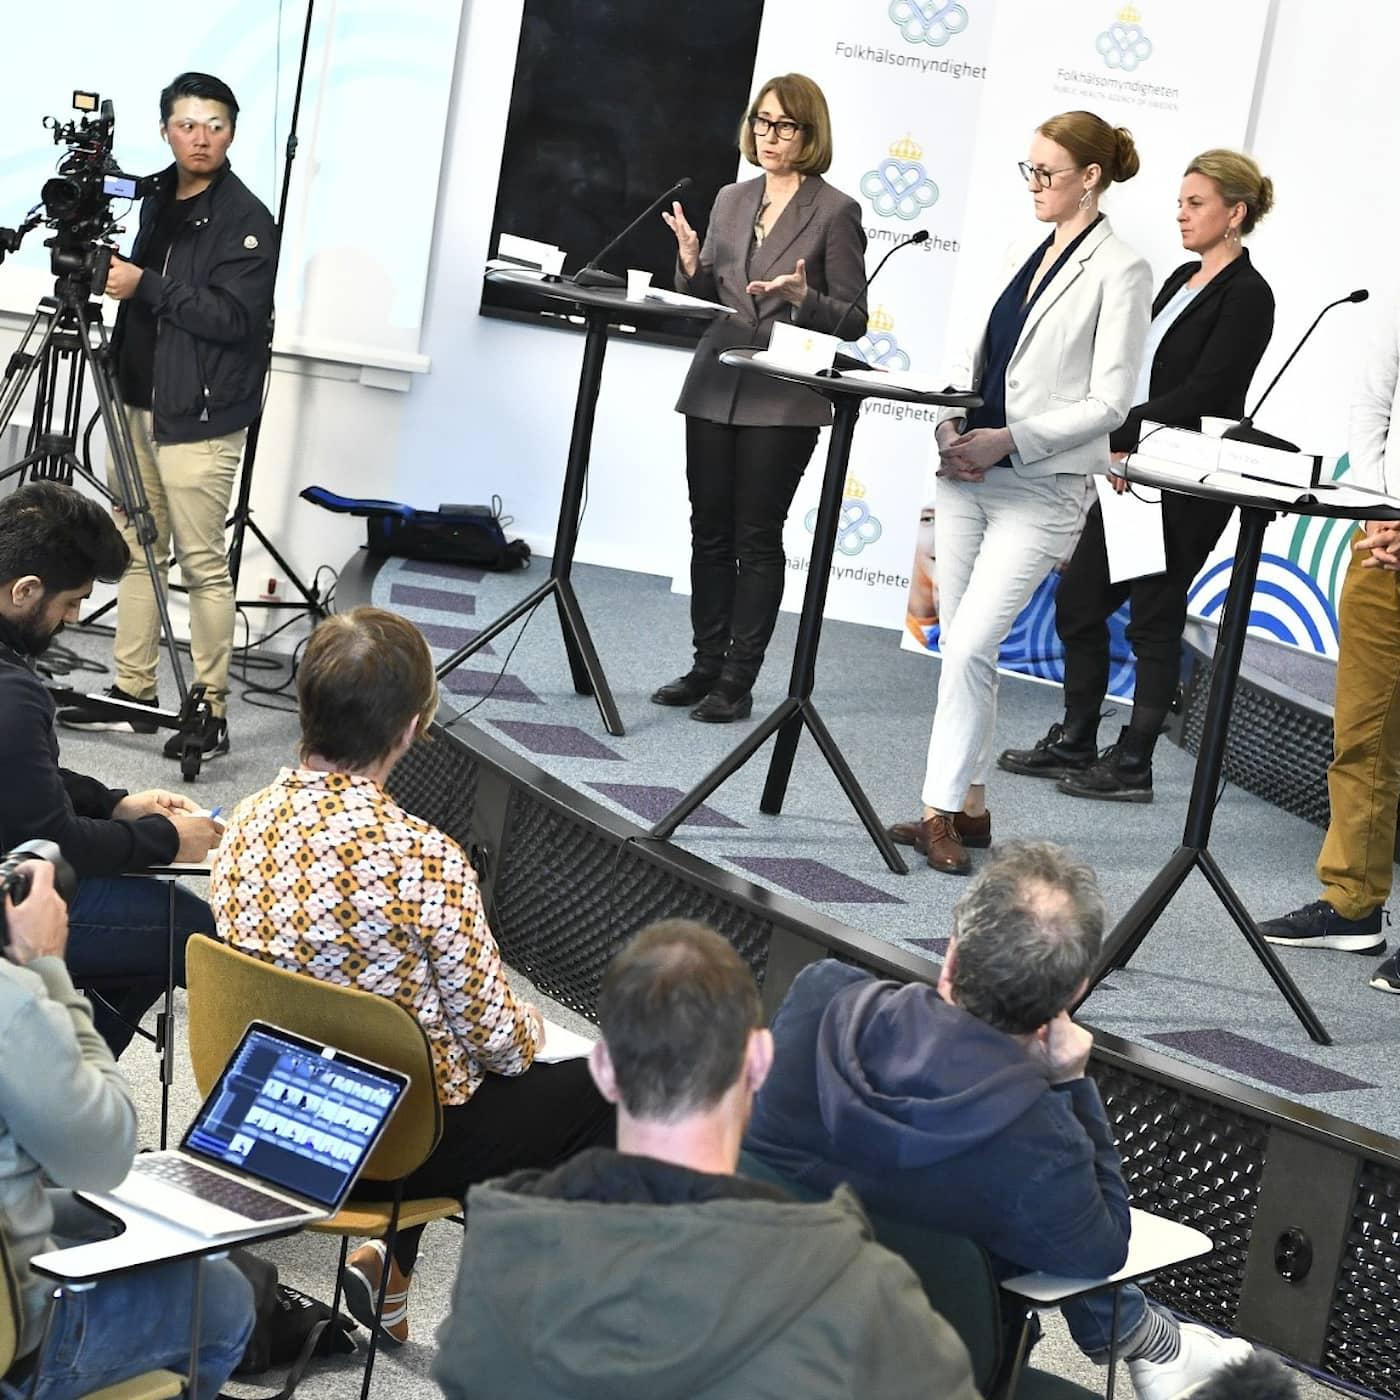 Bakläxa för myndigheter när offentlighetsprincipen prövas under Covid, tysta medier när artist uthängd på metoo-vis, TT jagar bildsynder